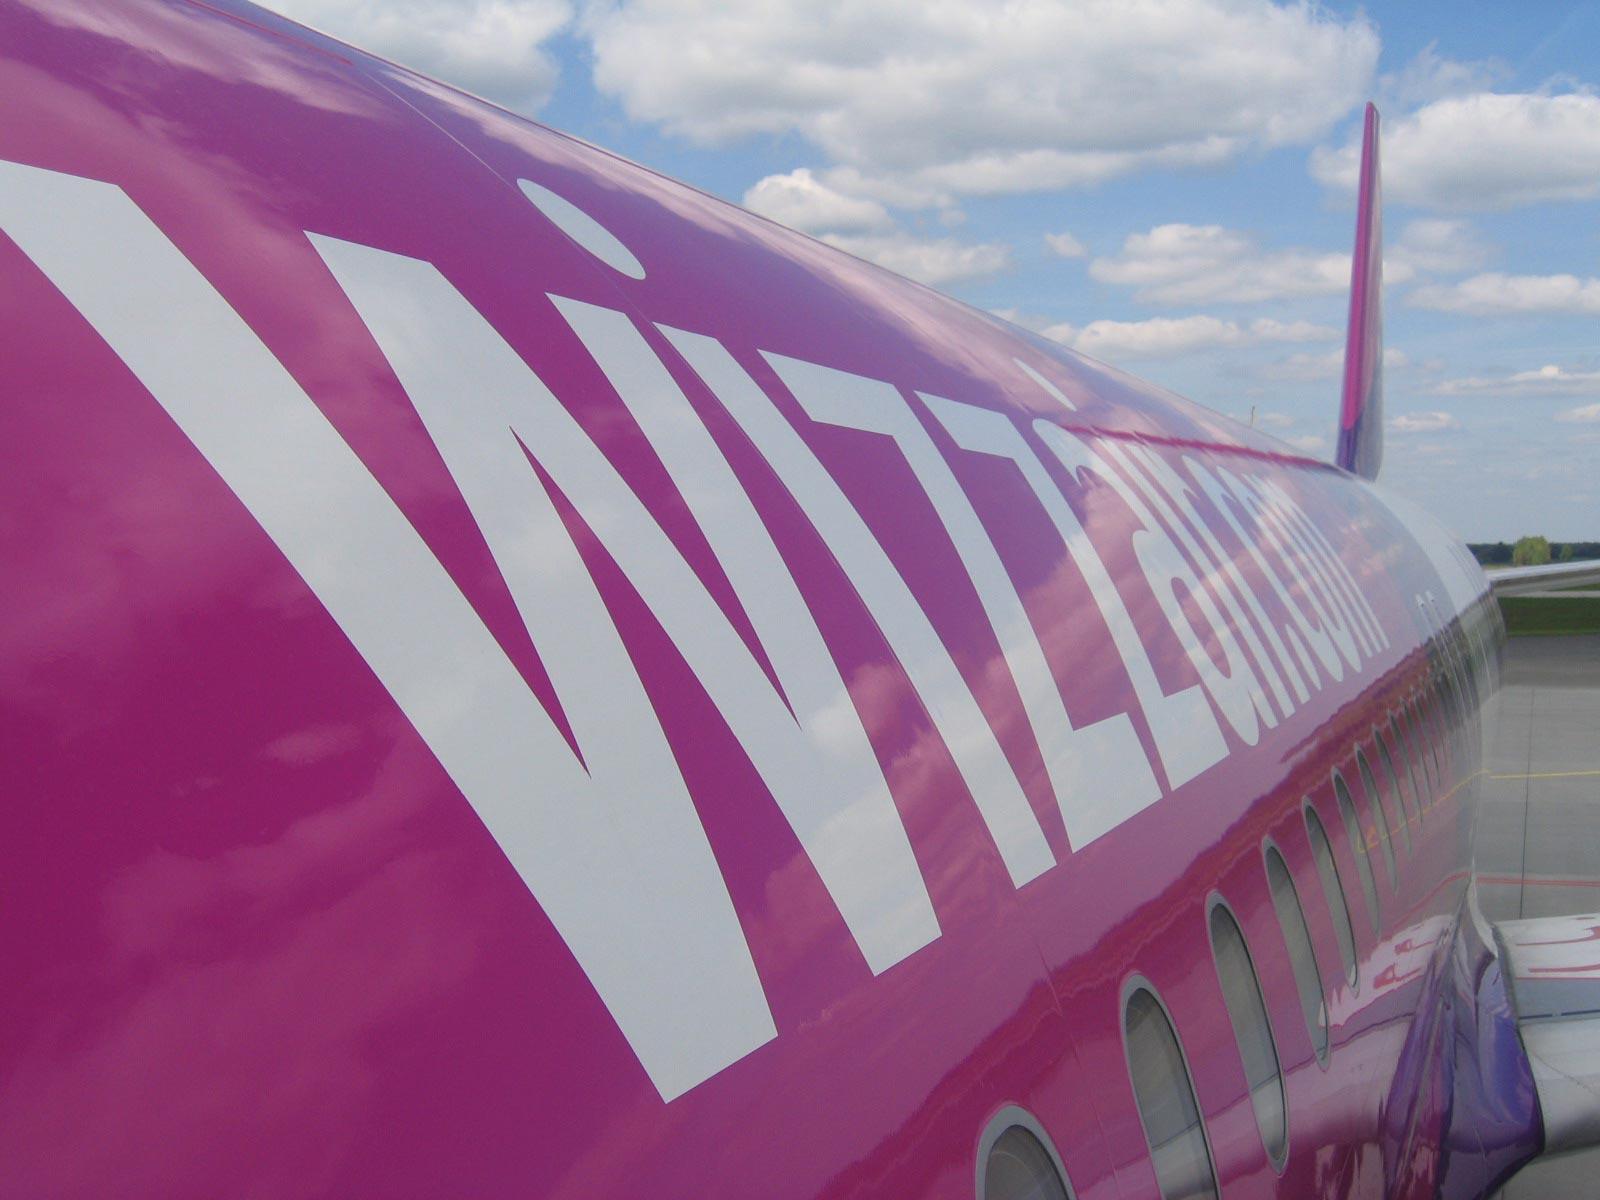 57d8e52b99e2 Az utasokat a légitársaság arra kéri, hogy ne használják fülhallgatóikat a  biztonsági tájékoztatás alatt, illetve hogy kapcsolják ki az elektronikus  ...